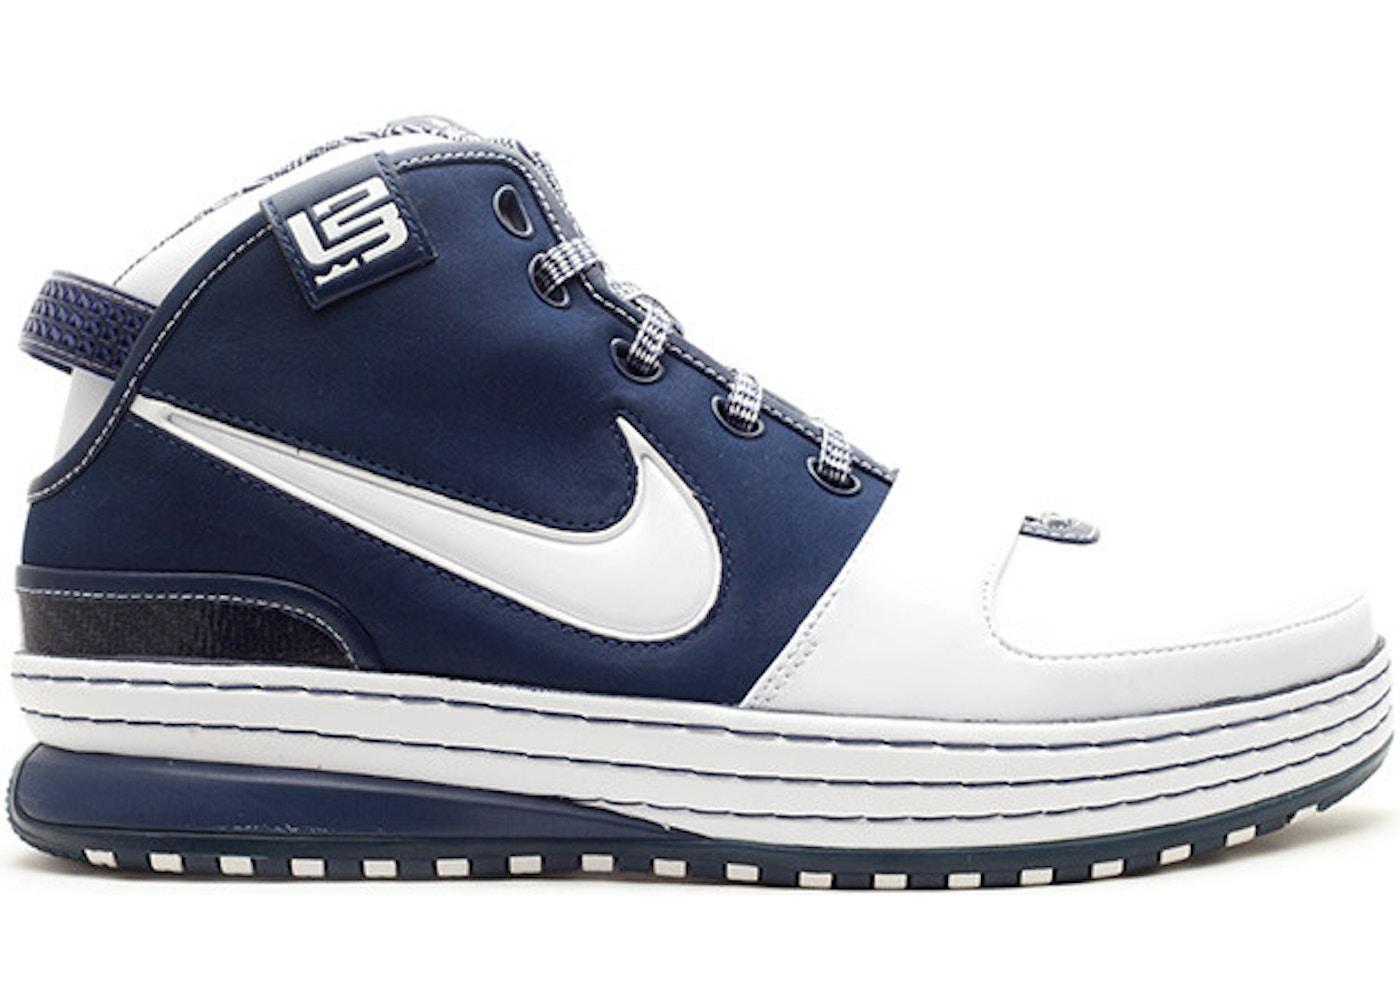 b994b7ba1d8 LeBron 6 Yankees - 346526-111